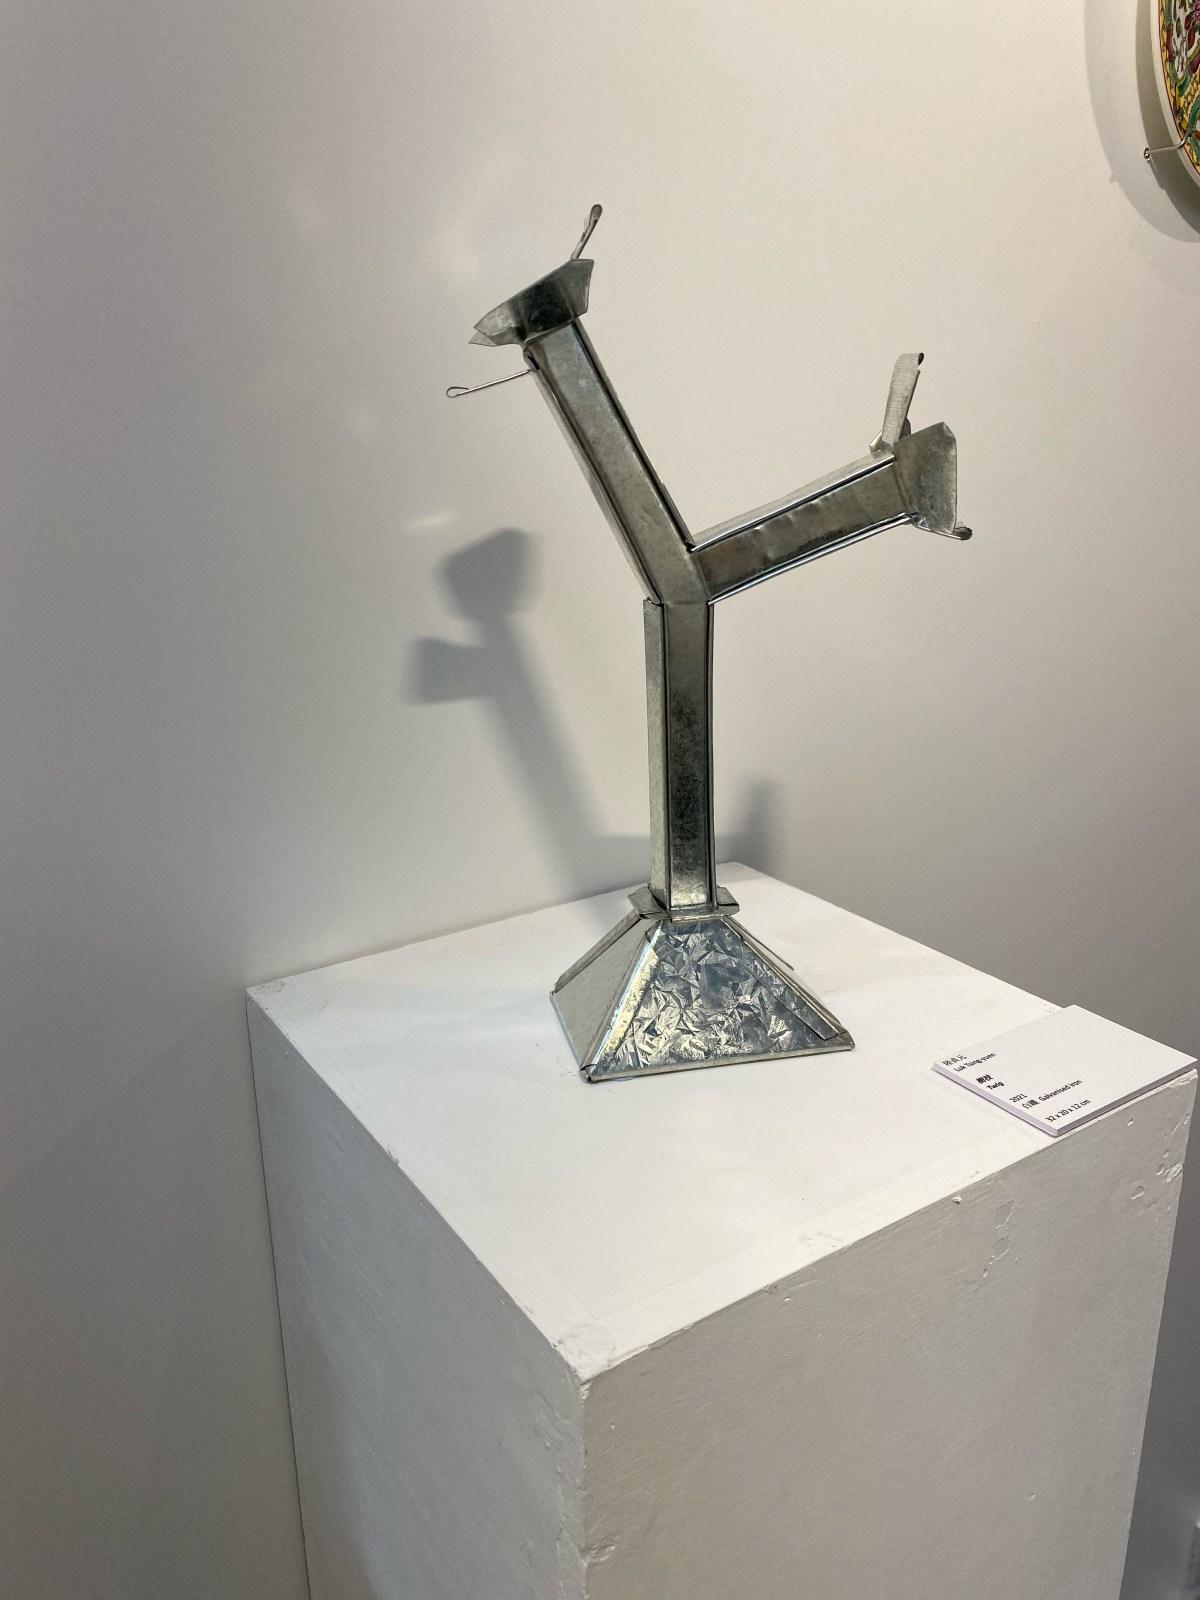 陸貞元白鐵創意作品(圖片來源:官方圖片)